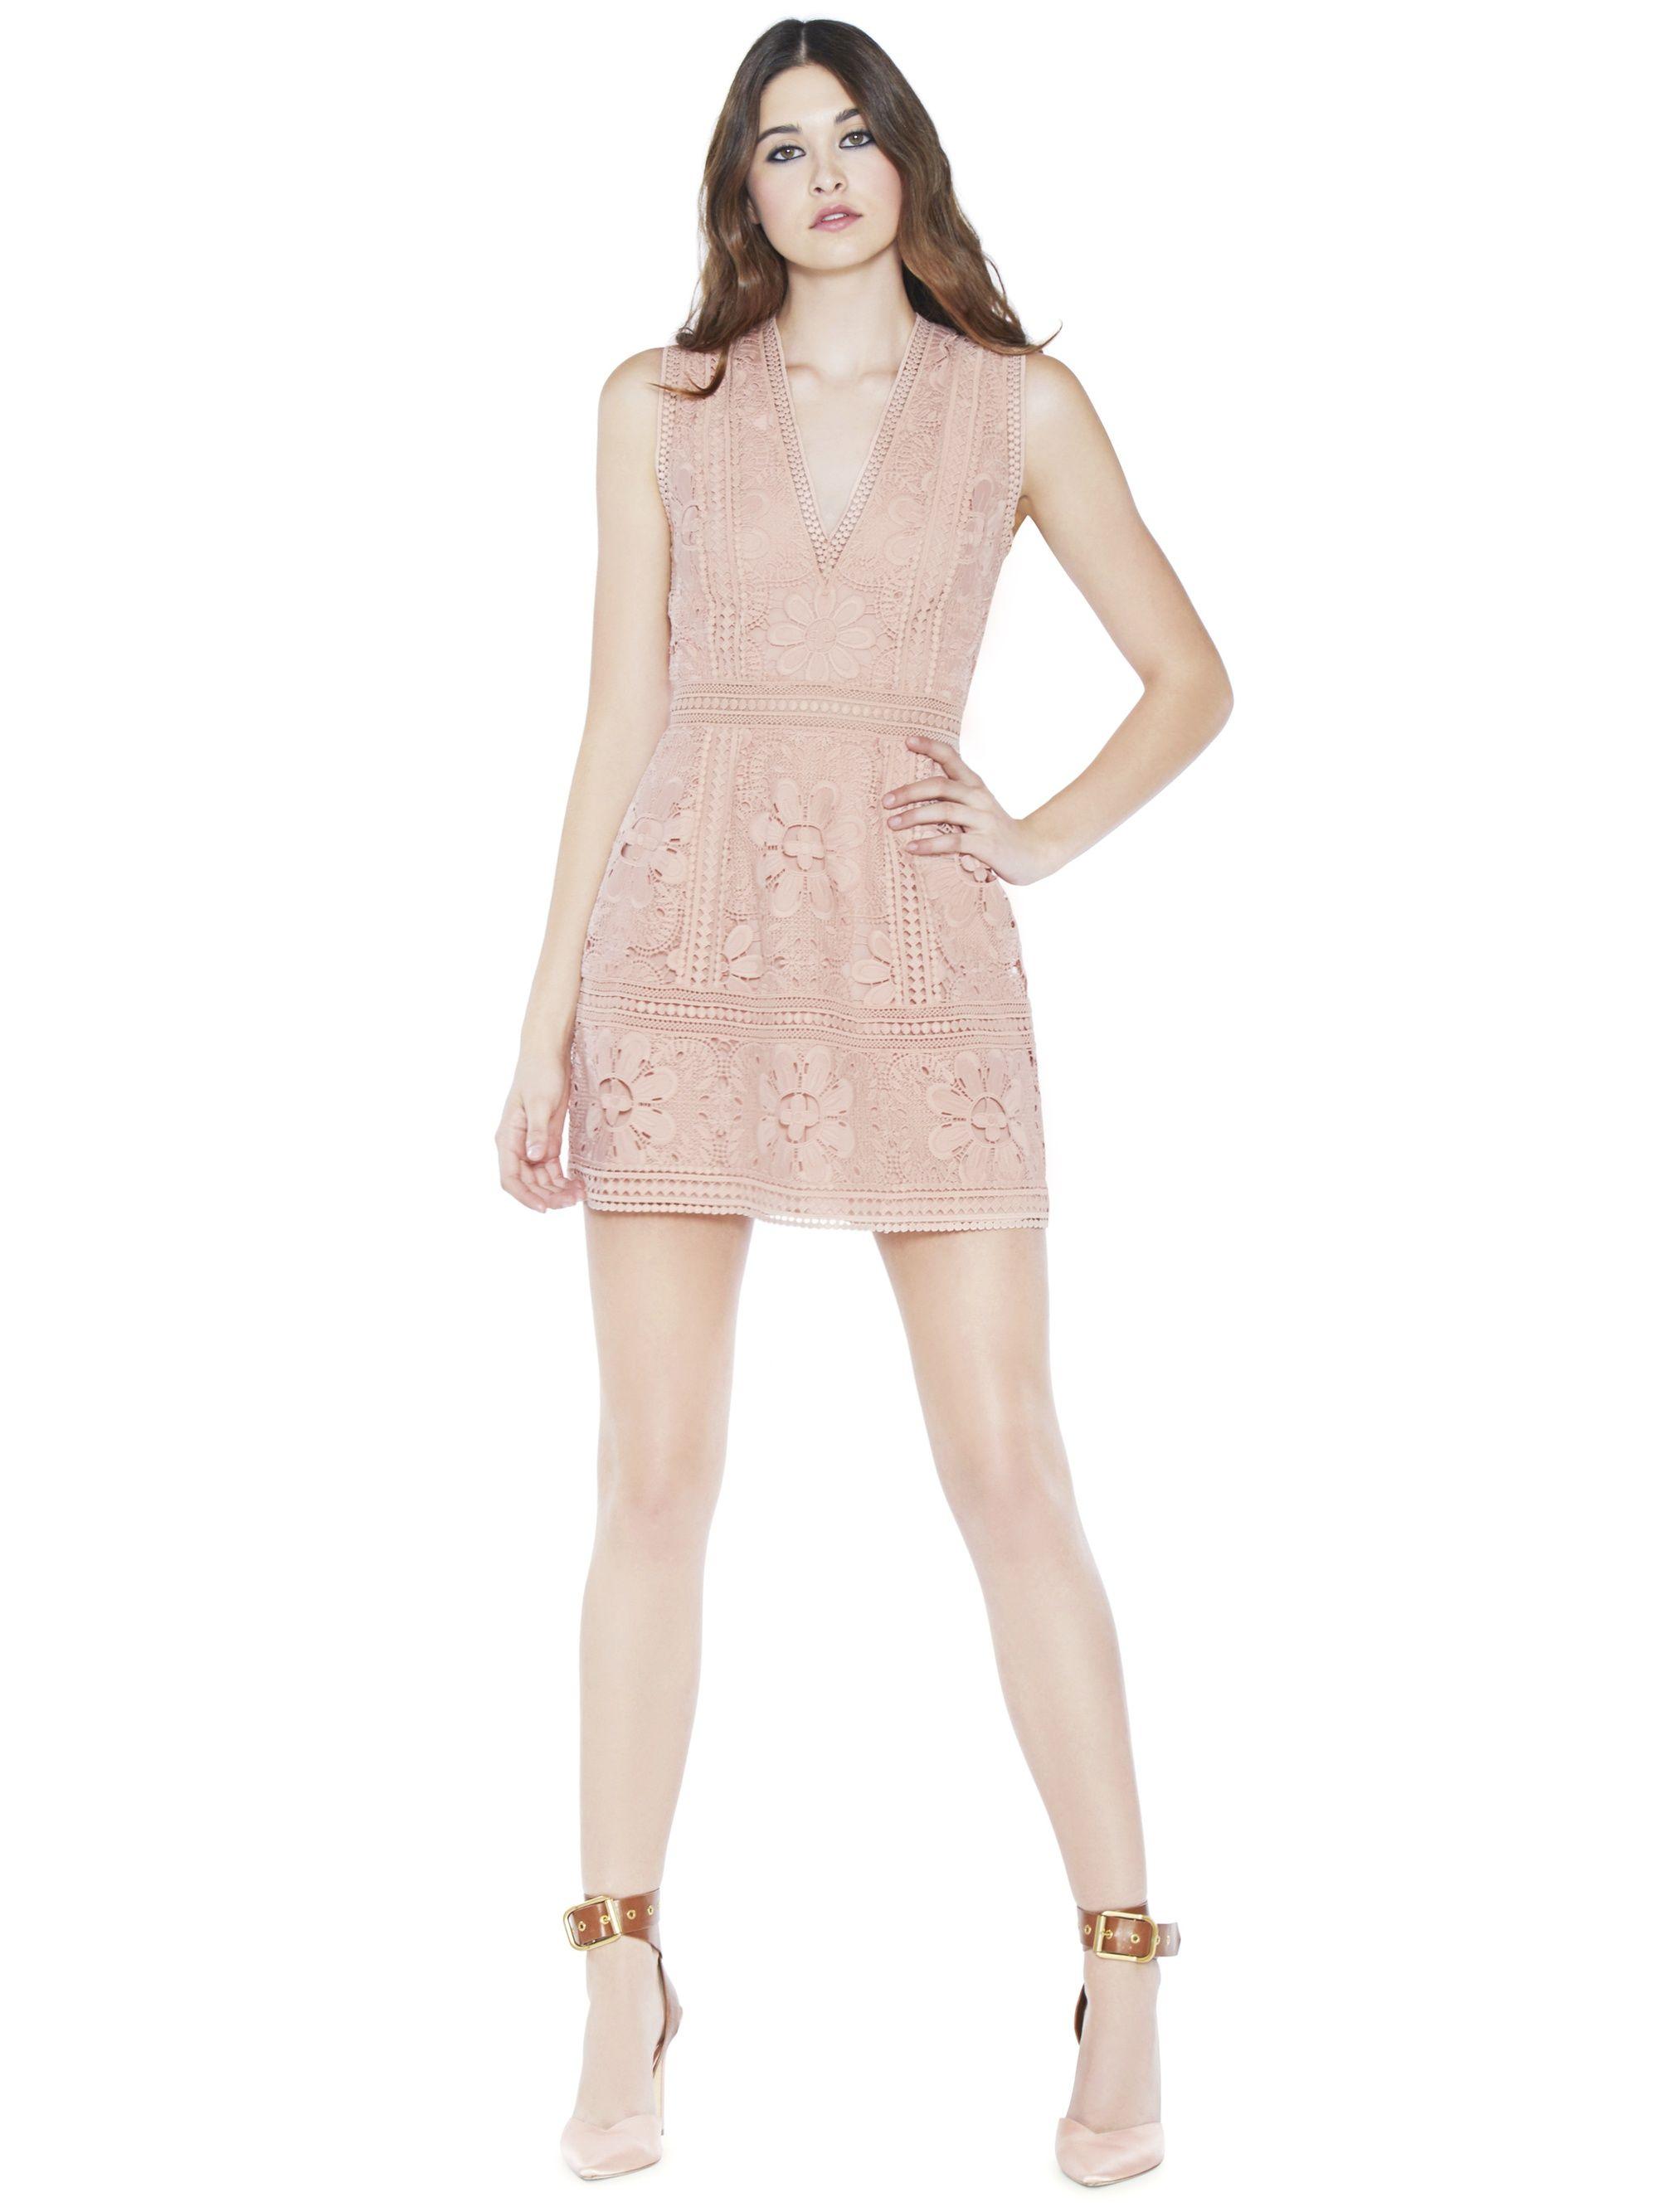 5c659fc4f58d ZULA LACE COMBO V-NECK PARTY DRESS by Alice + Olivia | Fashion DOs ...